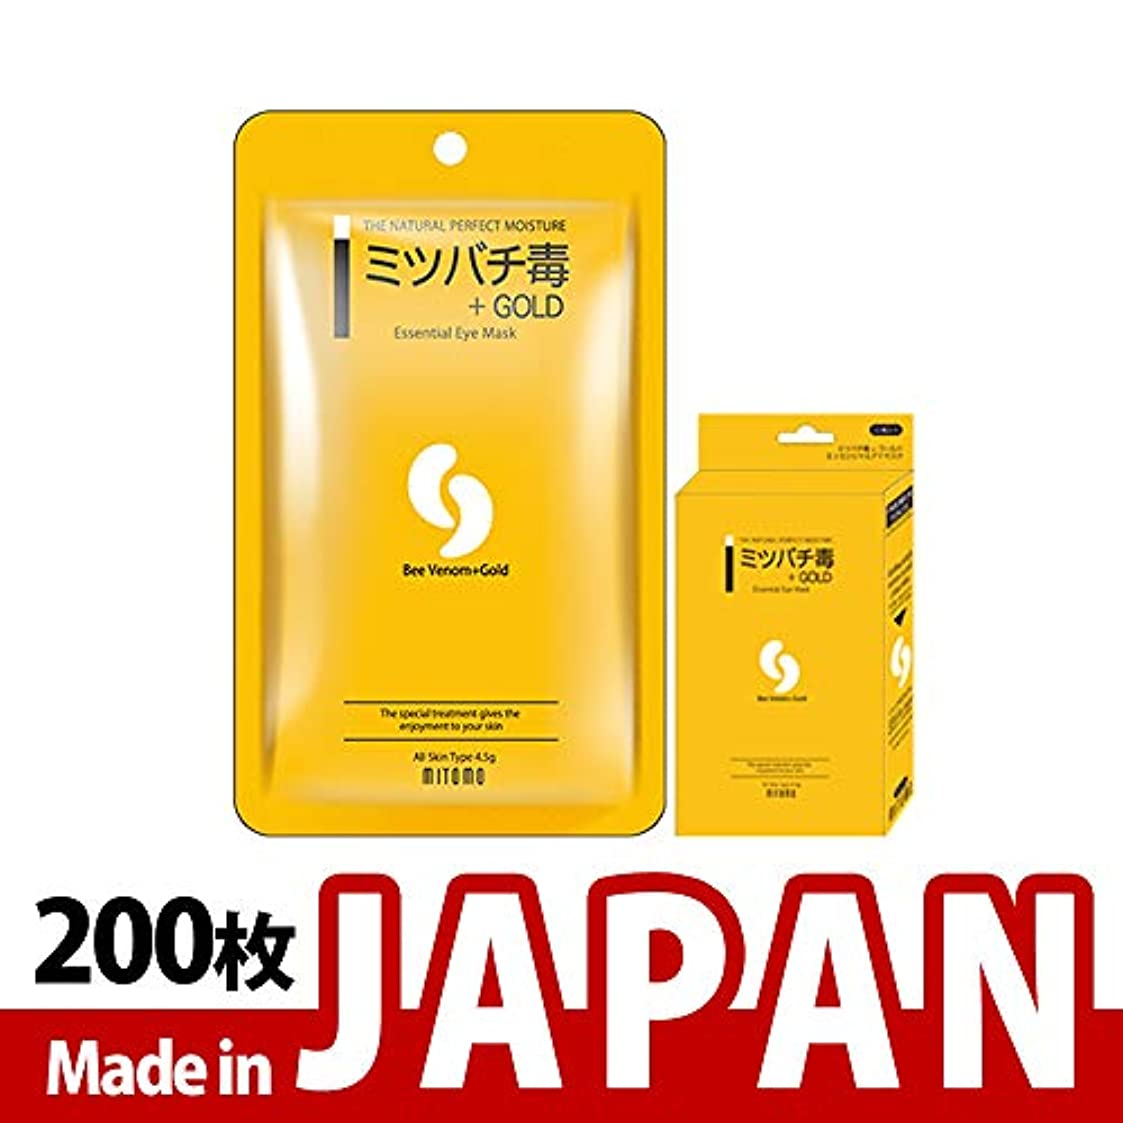 壁手段終点【MC002-A-0】シートマスク/10枚入り/200枚/美容液/マスクパック/送料無料